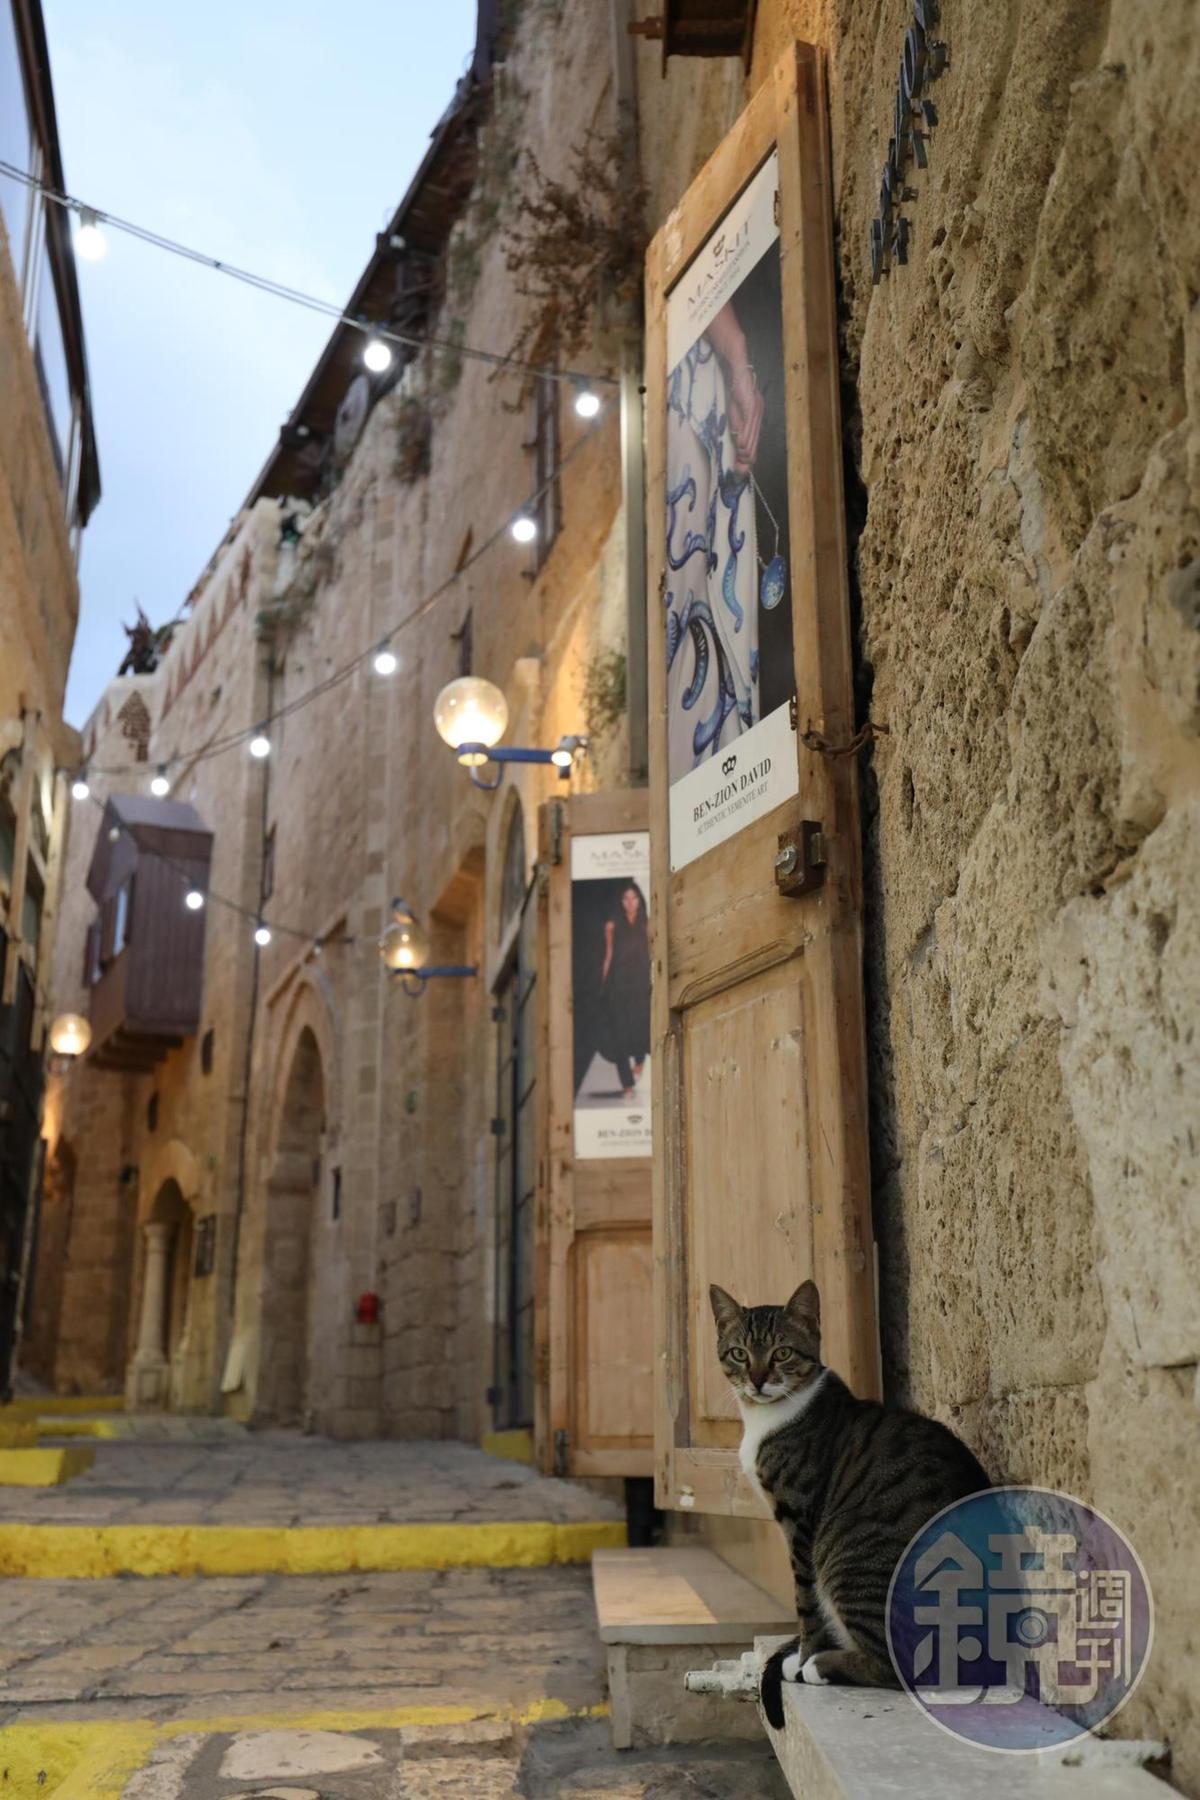 冷不防在雅法老城轉角遇見一隻炯炯有神的貓,看我的眼神好像在說,這裡,牠才是這座城的主人。